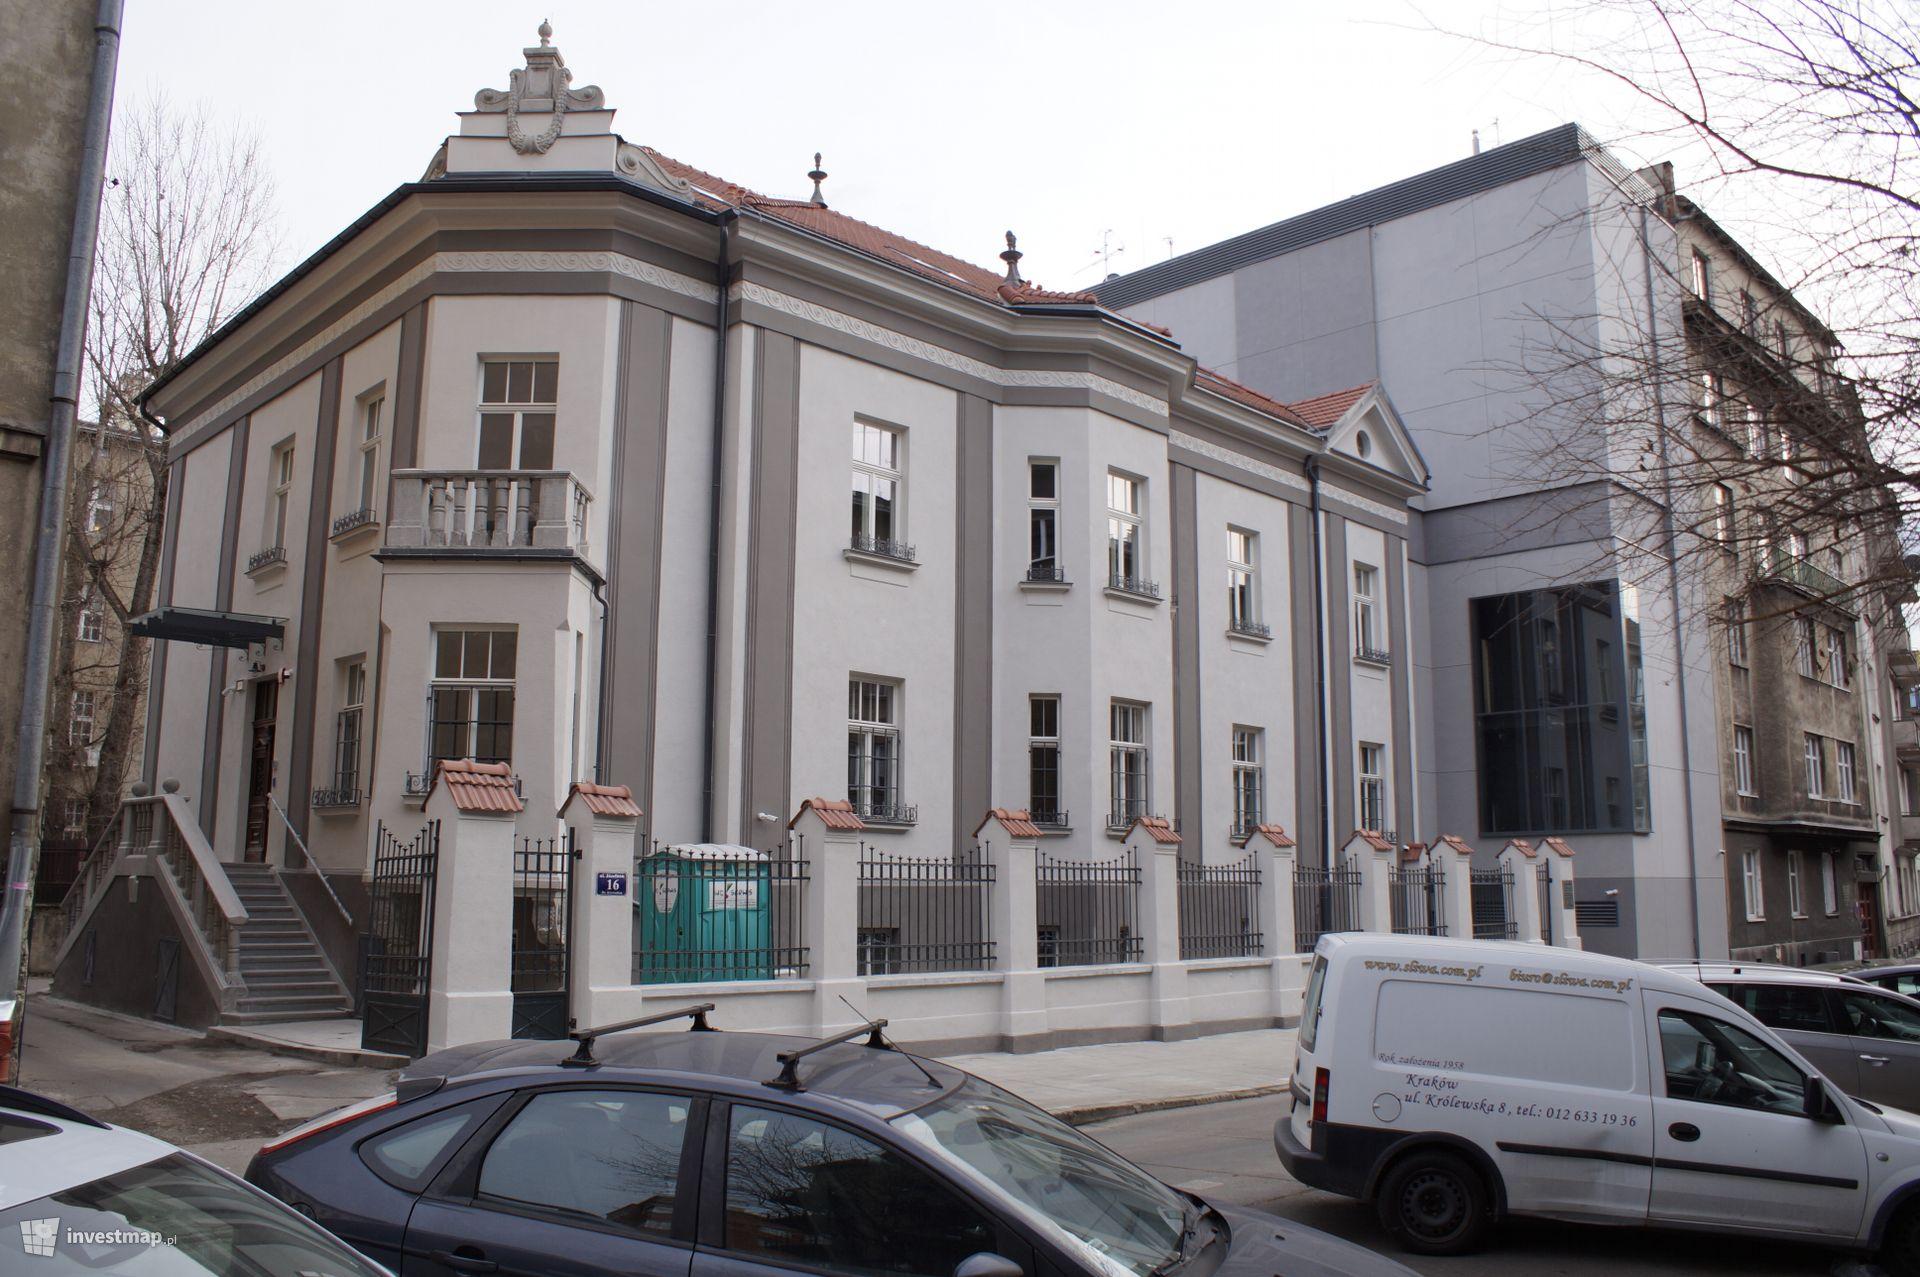 Muzeum Historii Fotografii, ul. Józefitów 16